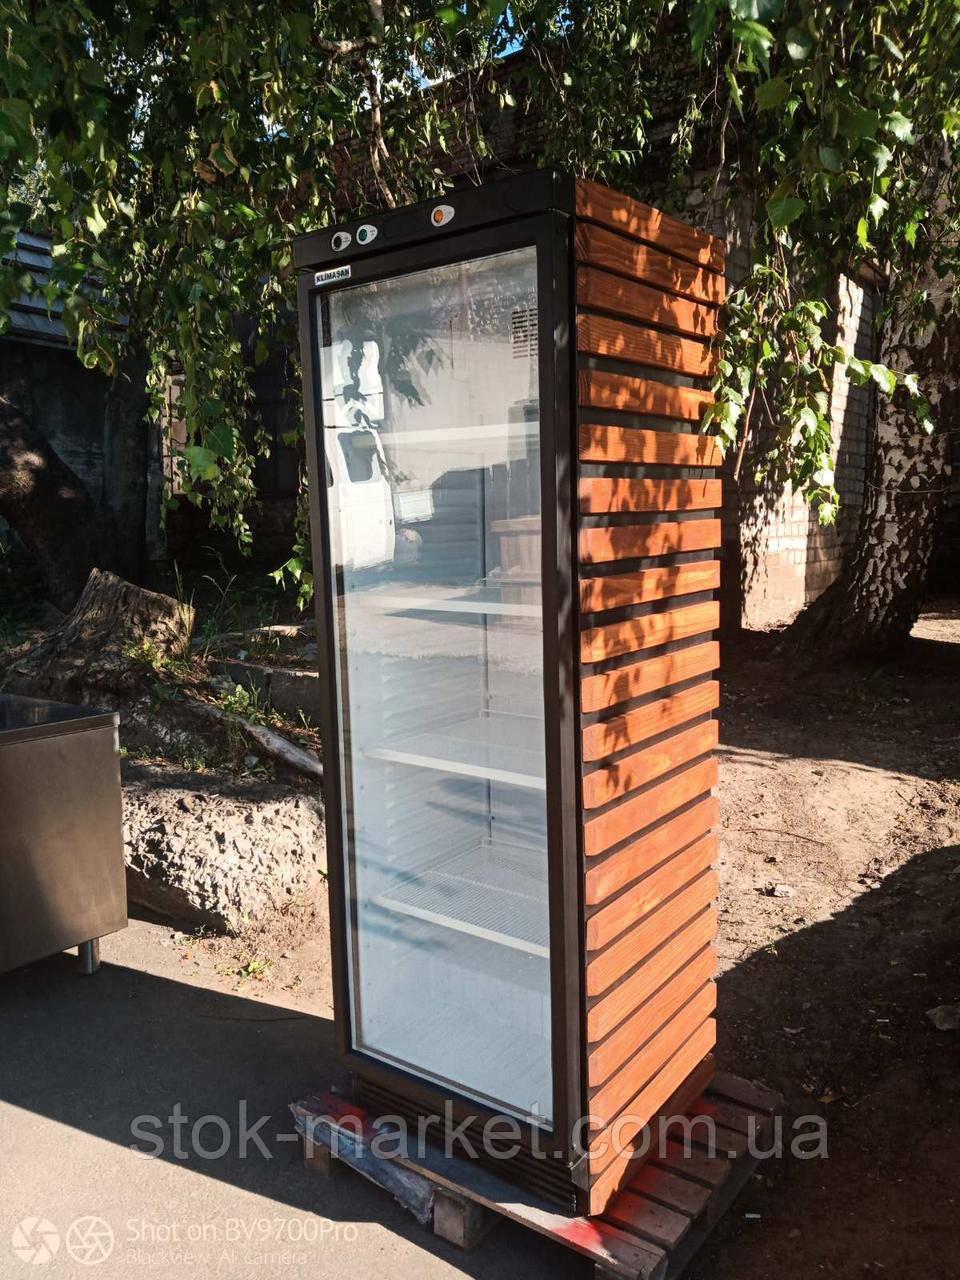 Холодильник стеклянный Klimasan новый. холодильник стеклянный б/у.